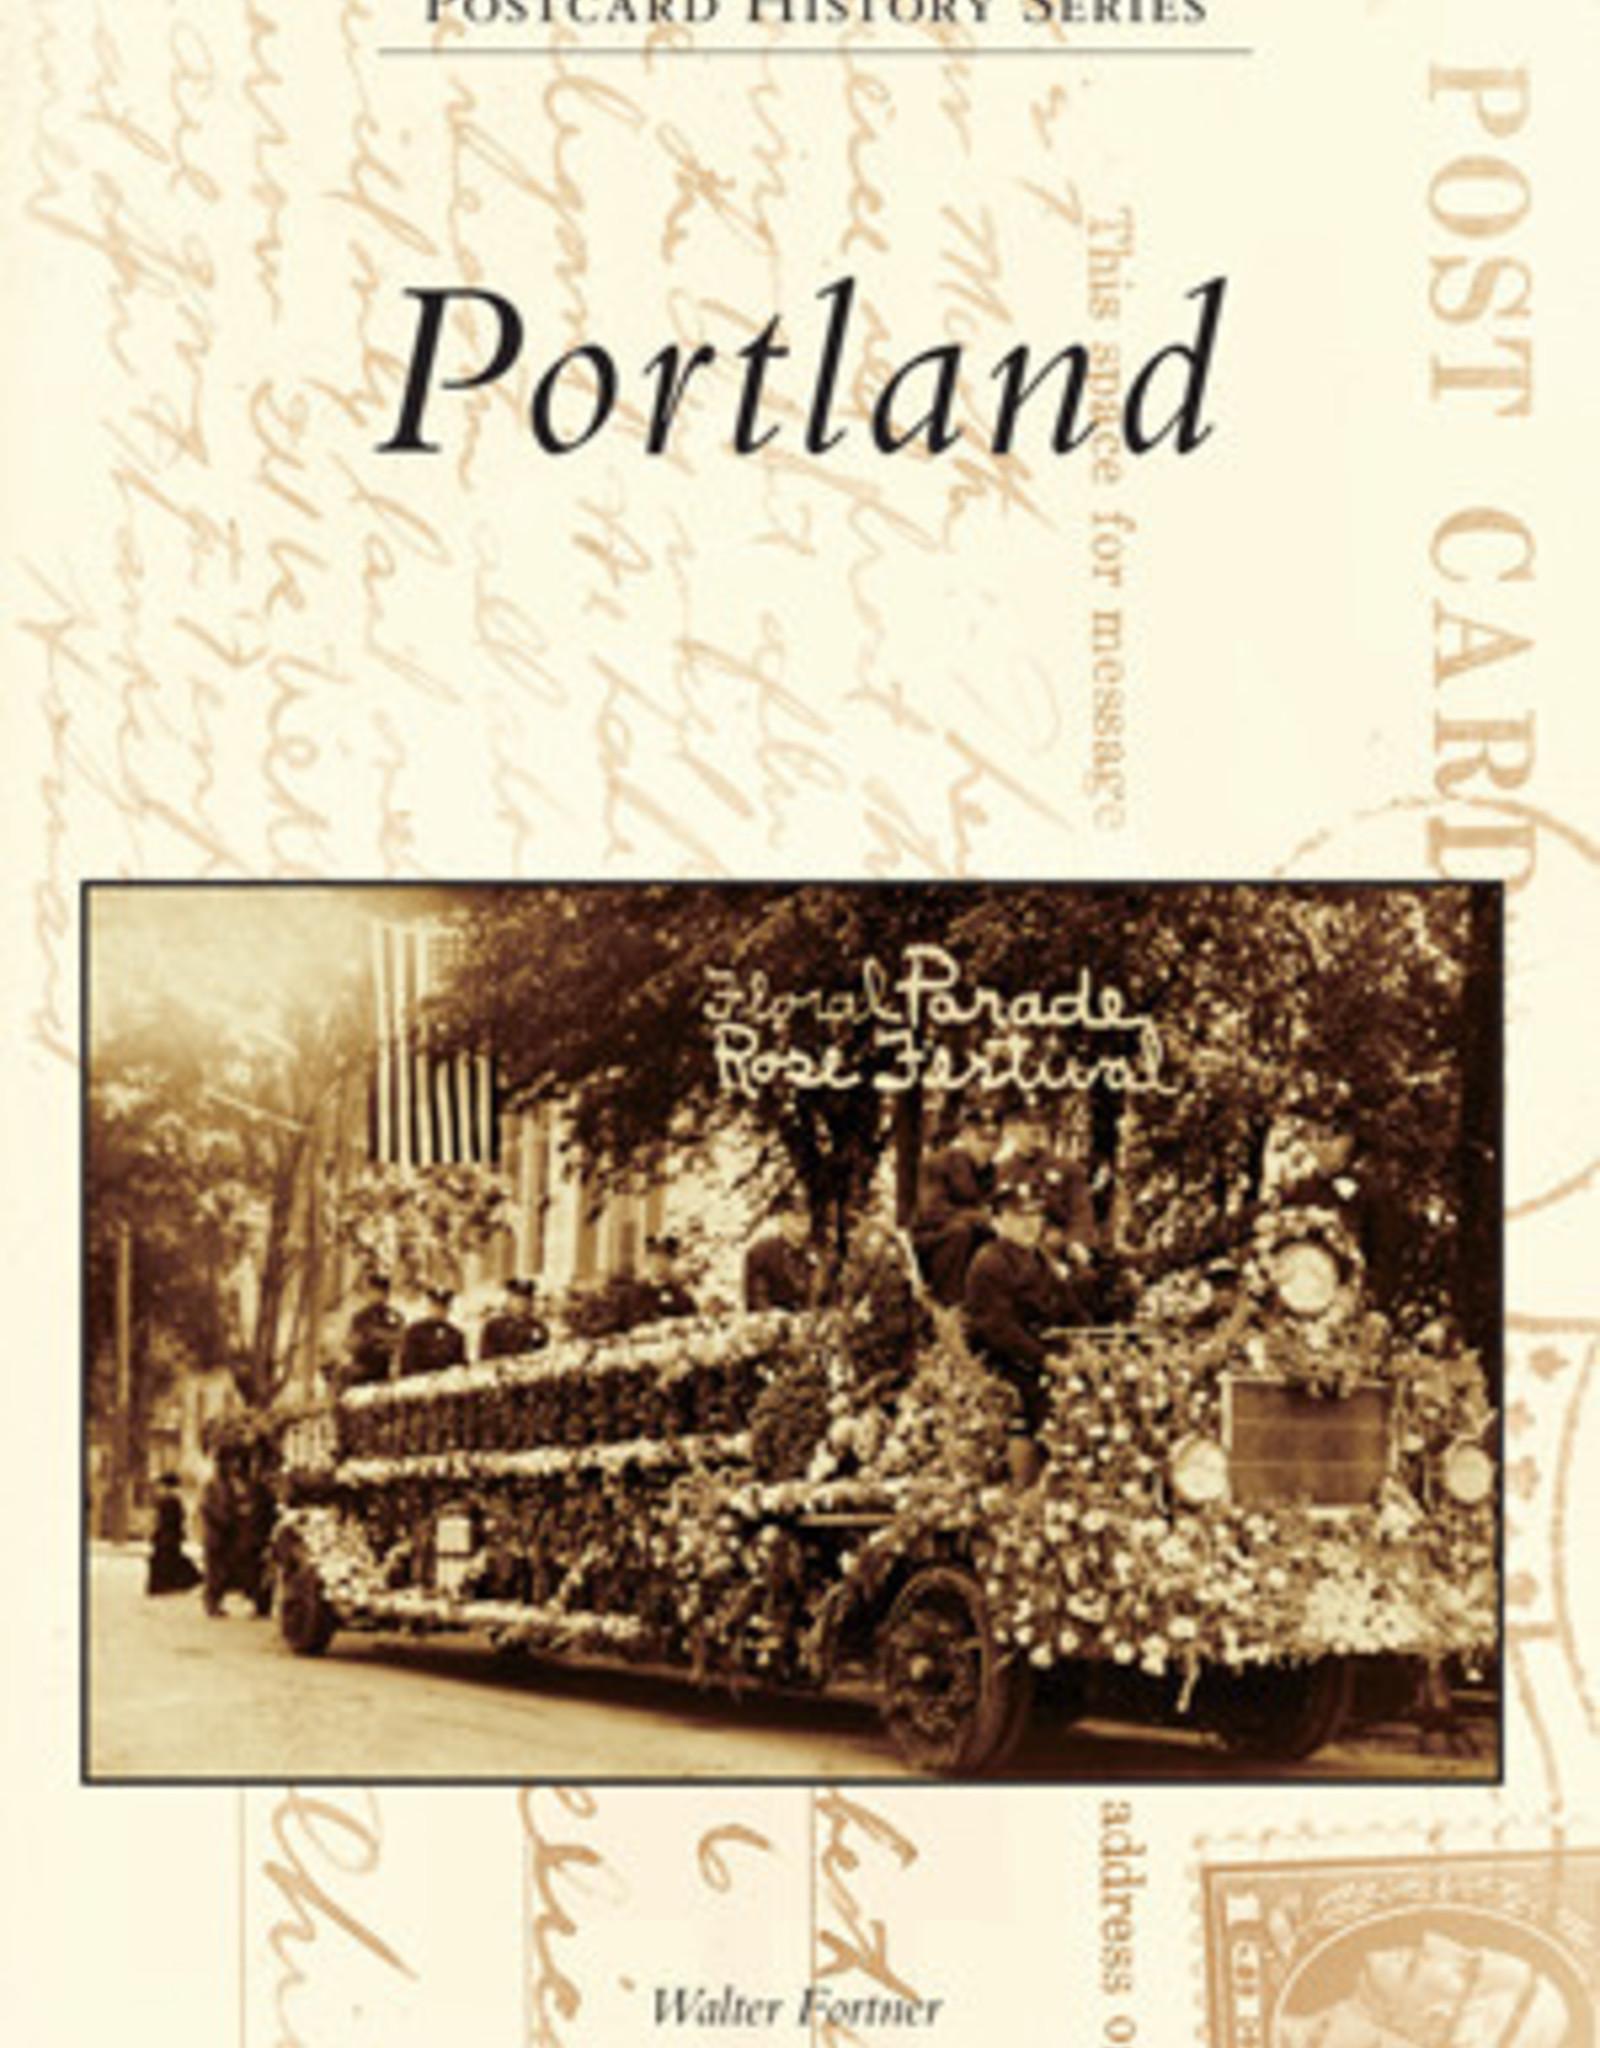 Portland Postcard History Series Set - Walter Fortner